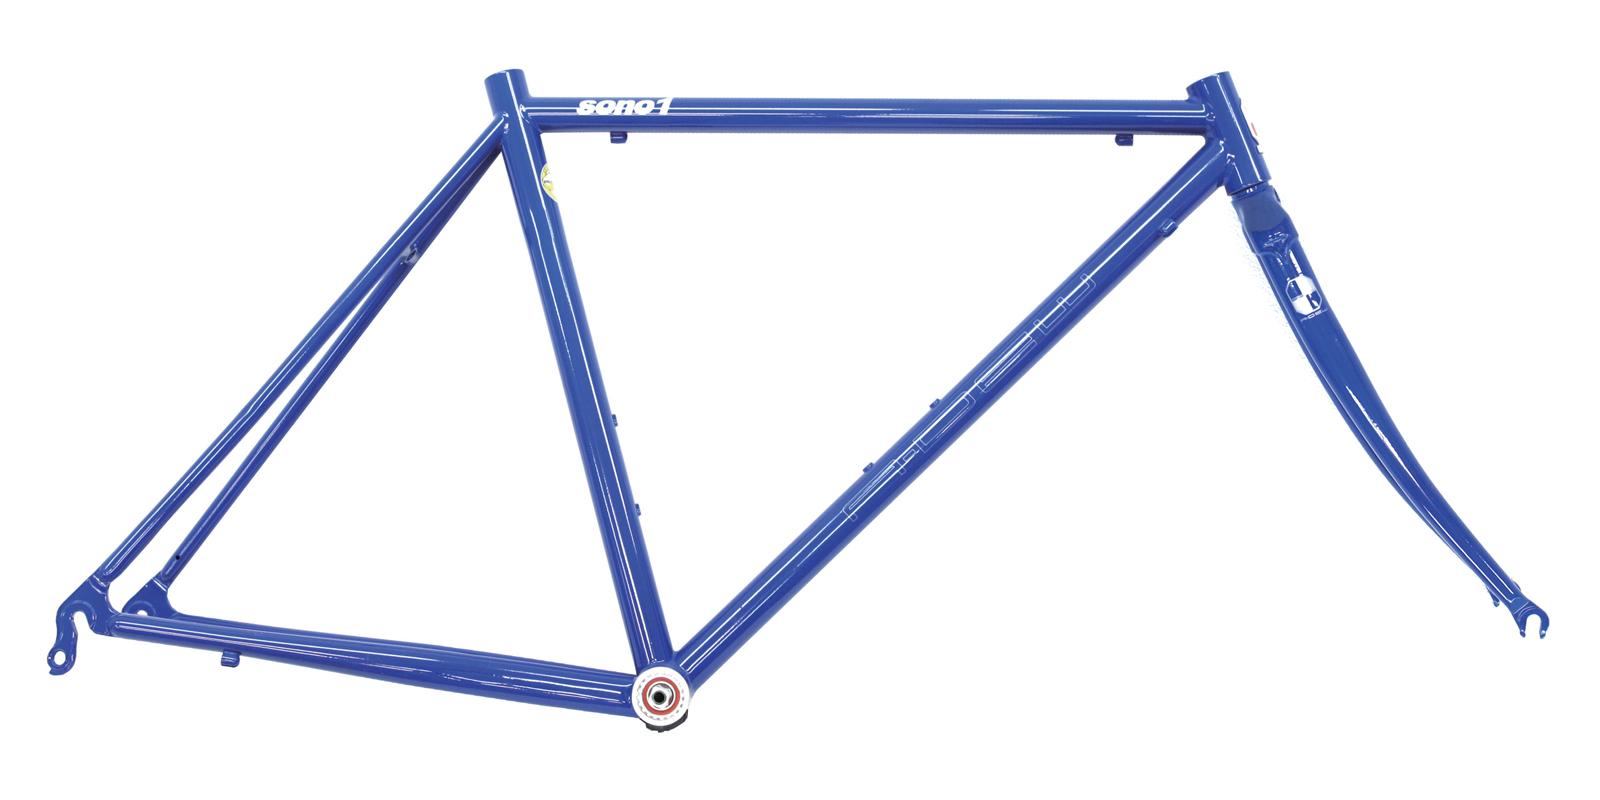 frame_fork